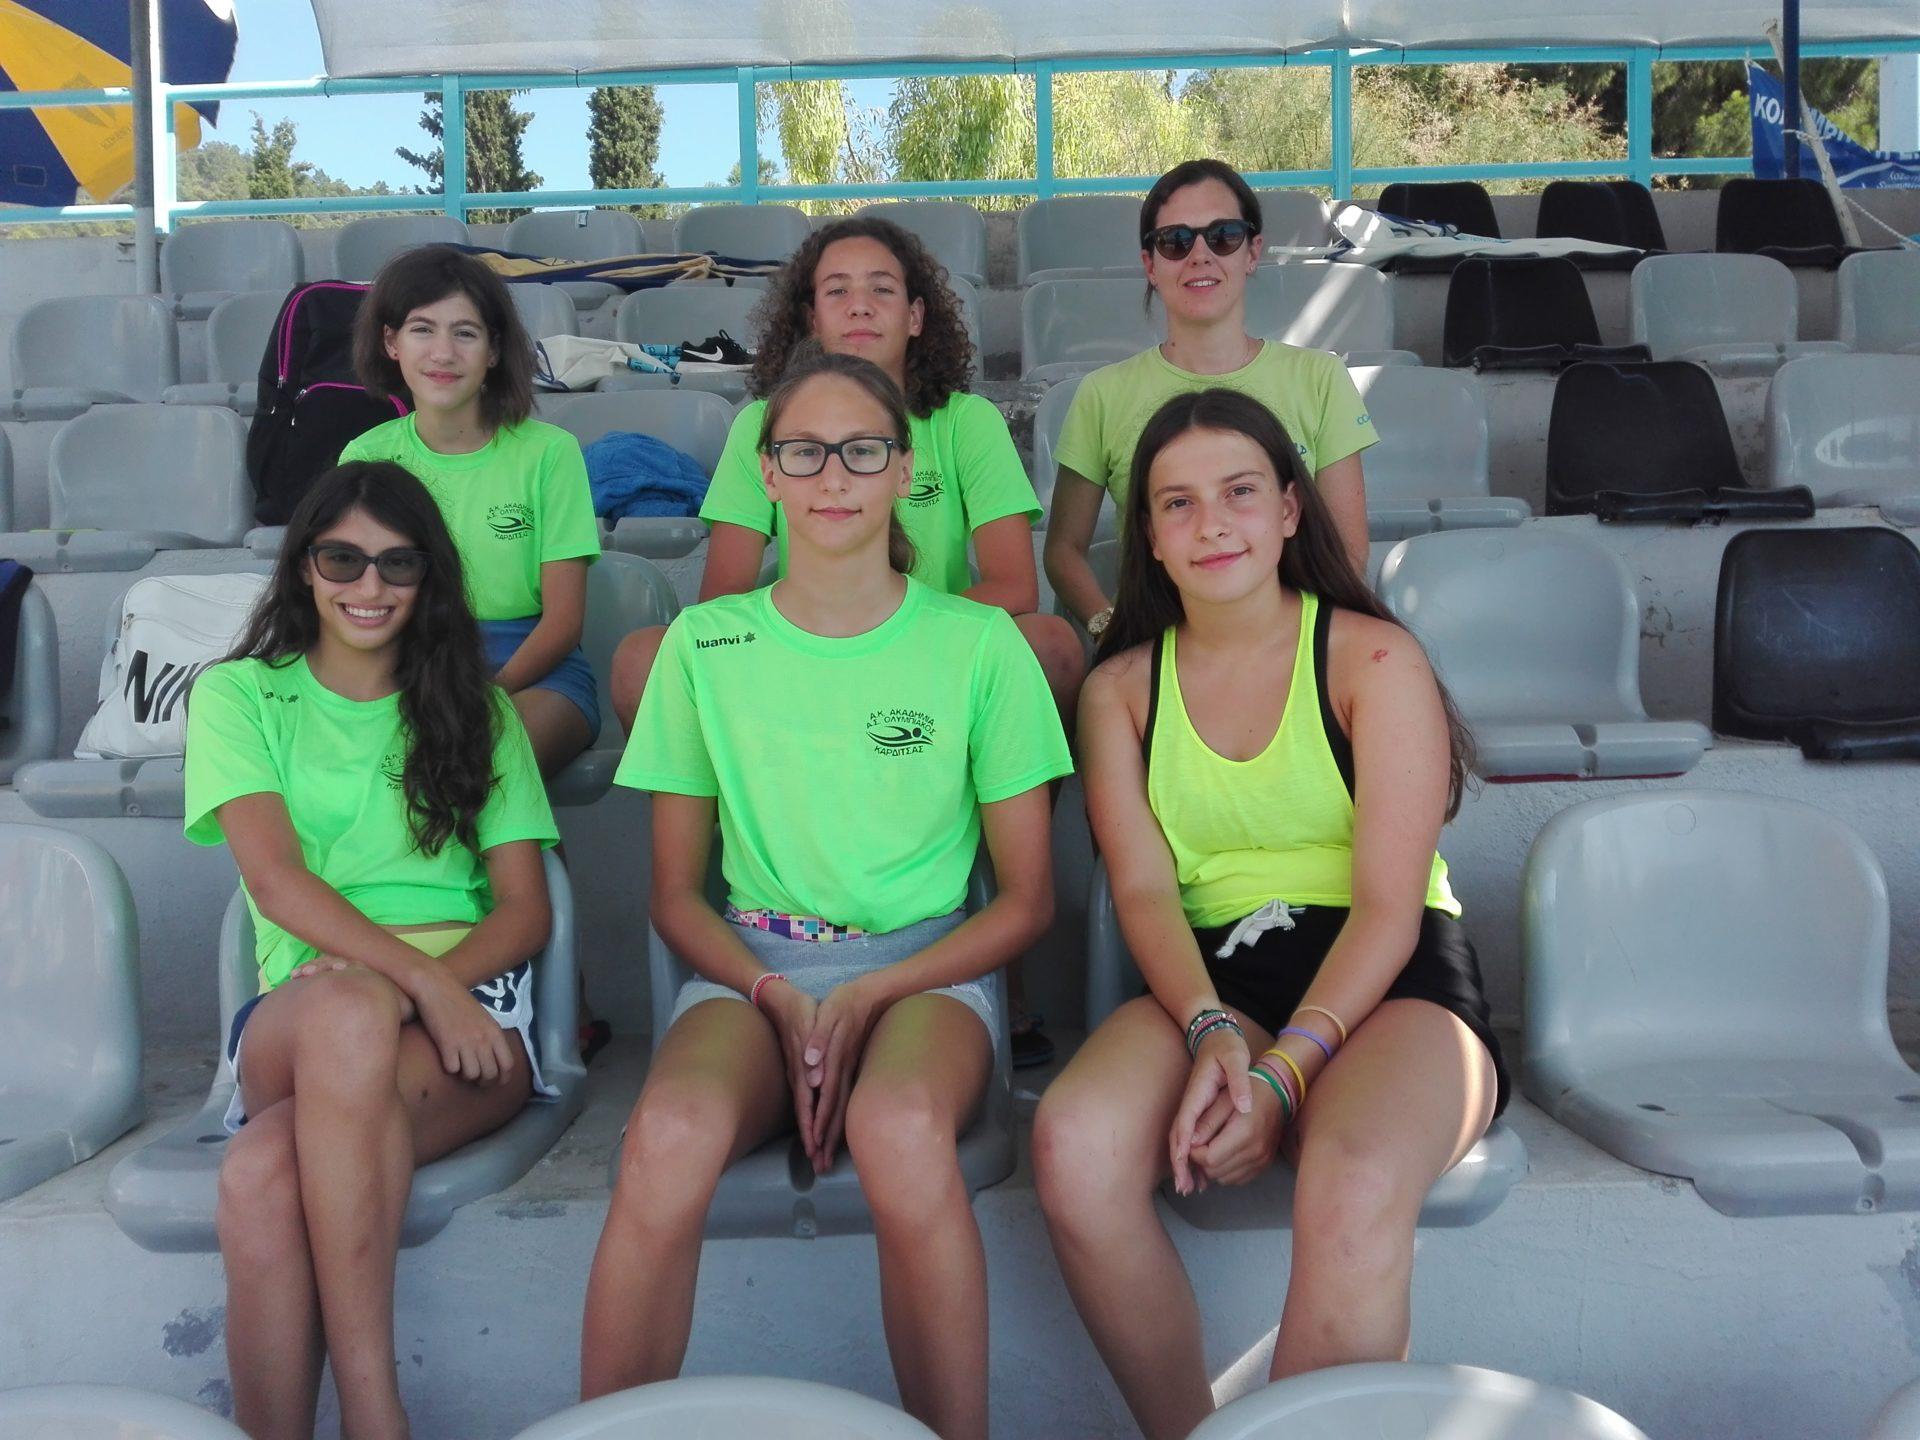 ΚΟΛΥΜΒΗΤΙΚΗ ΣΥΝΕΡΓΑΣΙΑ Αθλητικής Κολυμβητικής Ακαδημίας Καρδίτσας (Α.Κ.Α.Κ) & ΑΣΚ ΟΛΥΜΠΙΑΚΟΣ